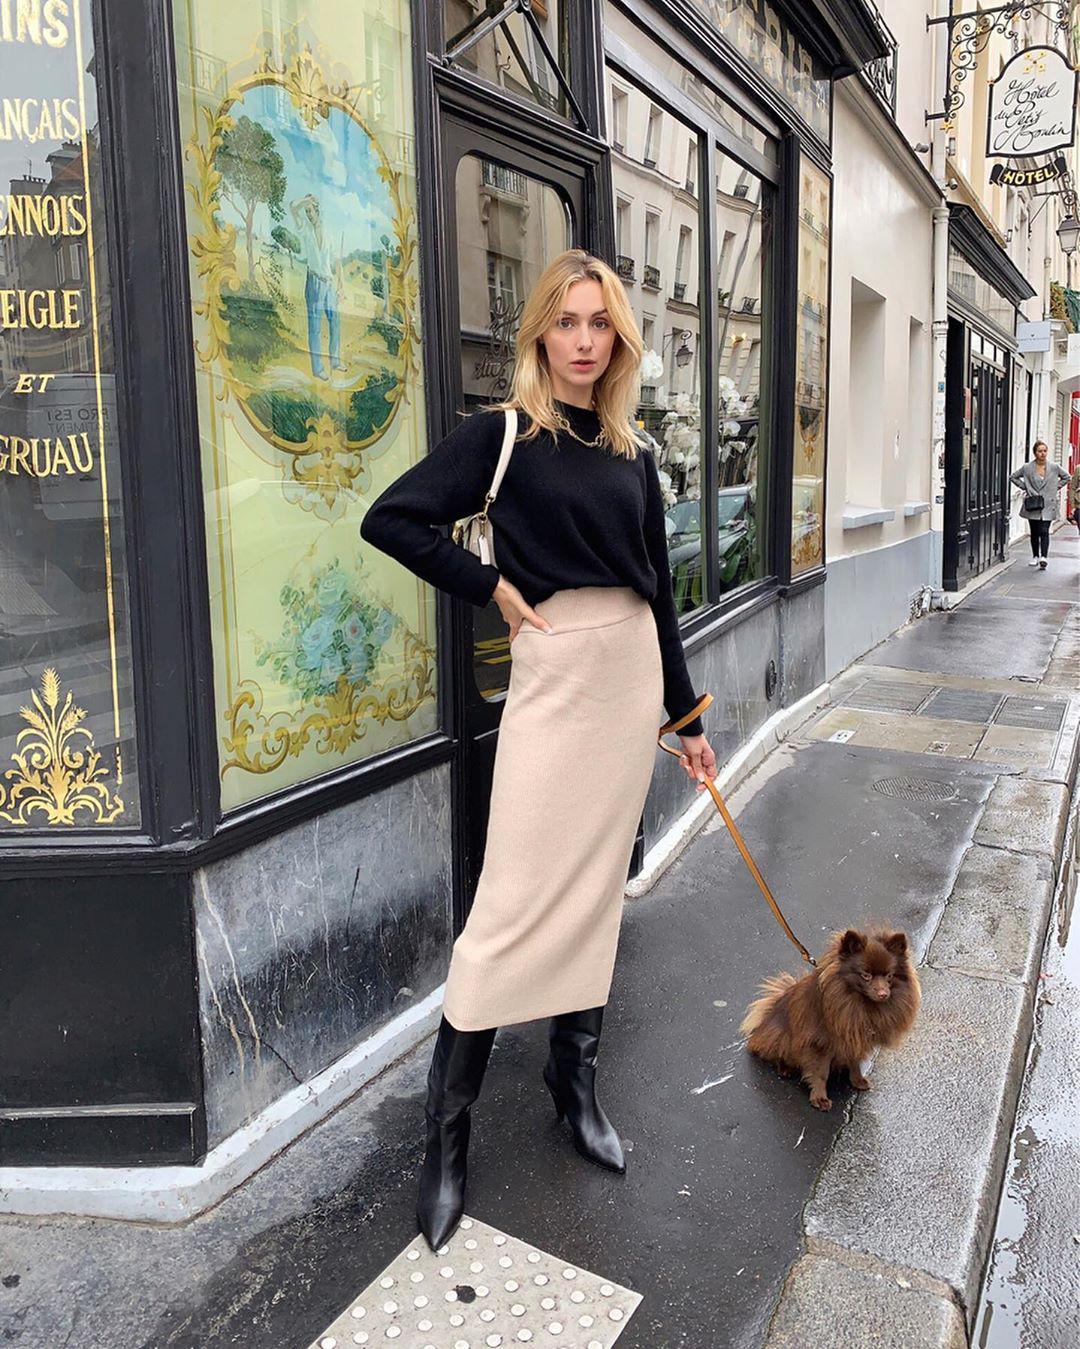 Không thể kìm lòng trước 5 cách diện áo len đẹp xỉu của phụ nữ Pháp, bạn sẽ muốn áp dụng bằng hết mới được - Ảnh 13